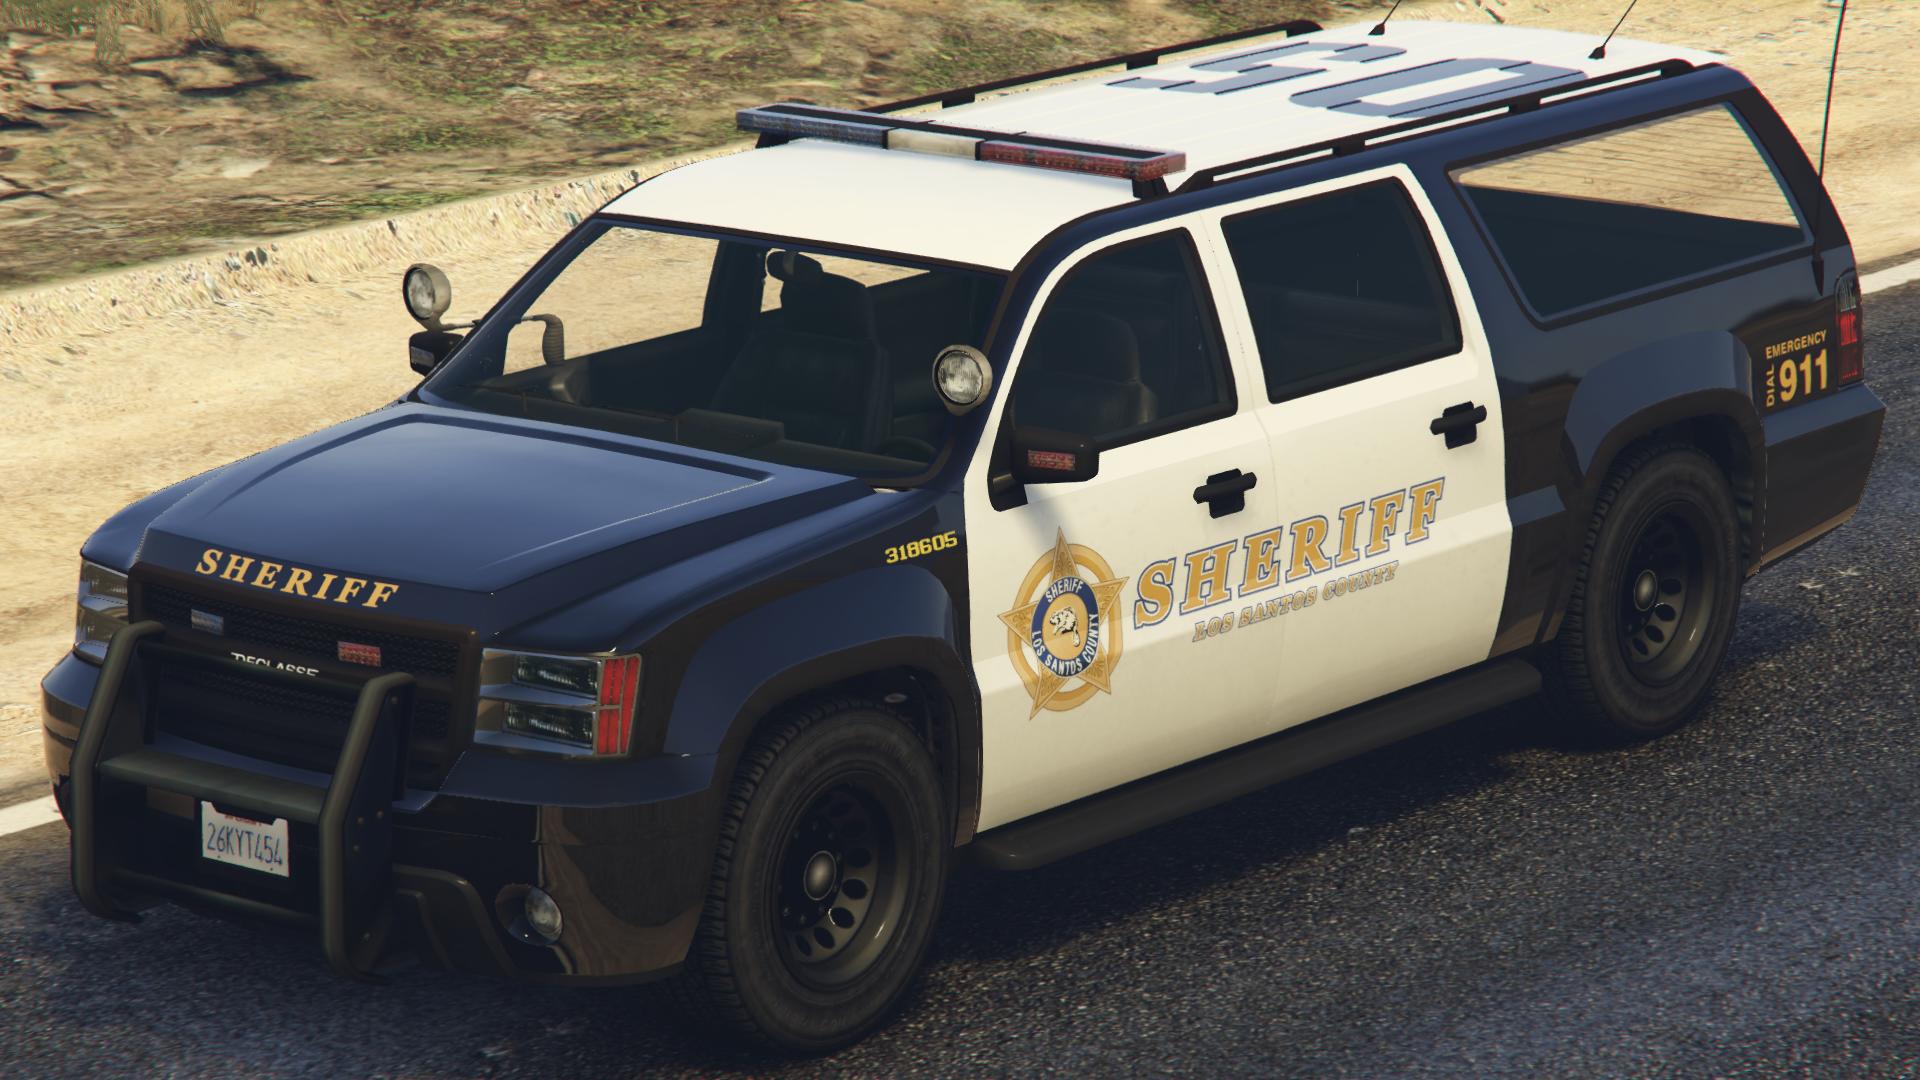 Sheriff SUV | GTA Wiki | FANDOM powered by Wikia